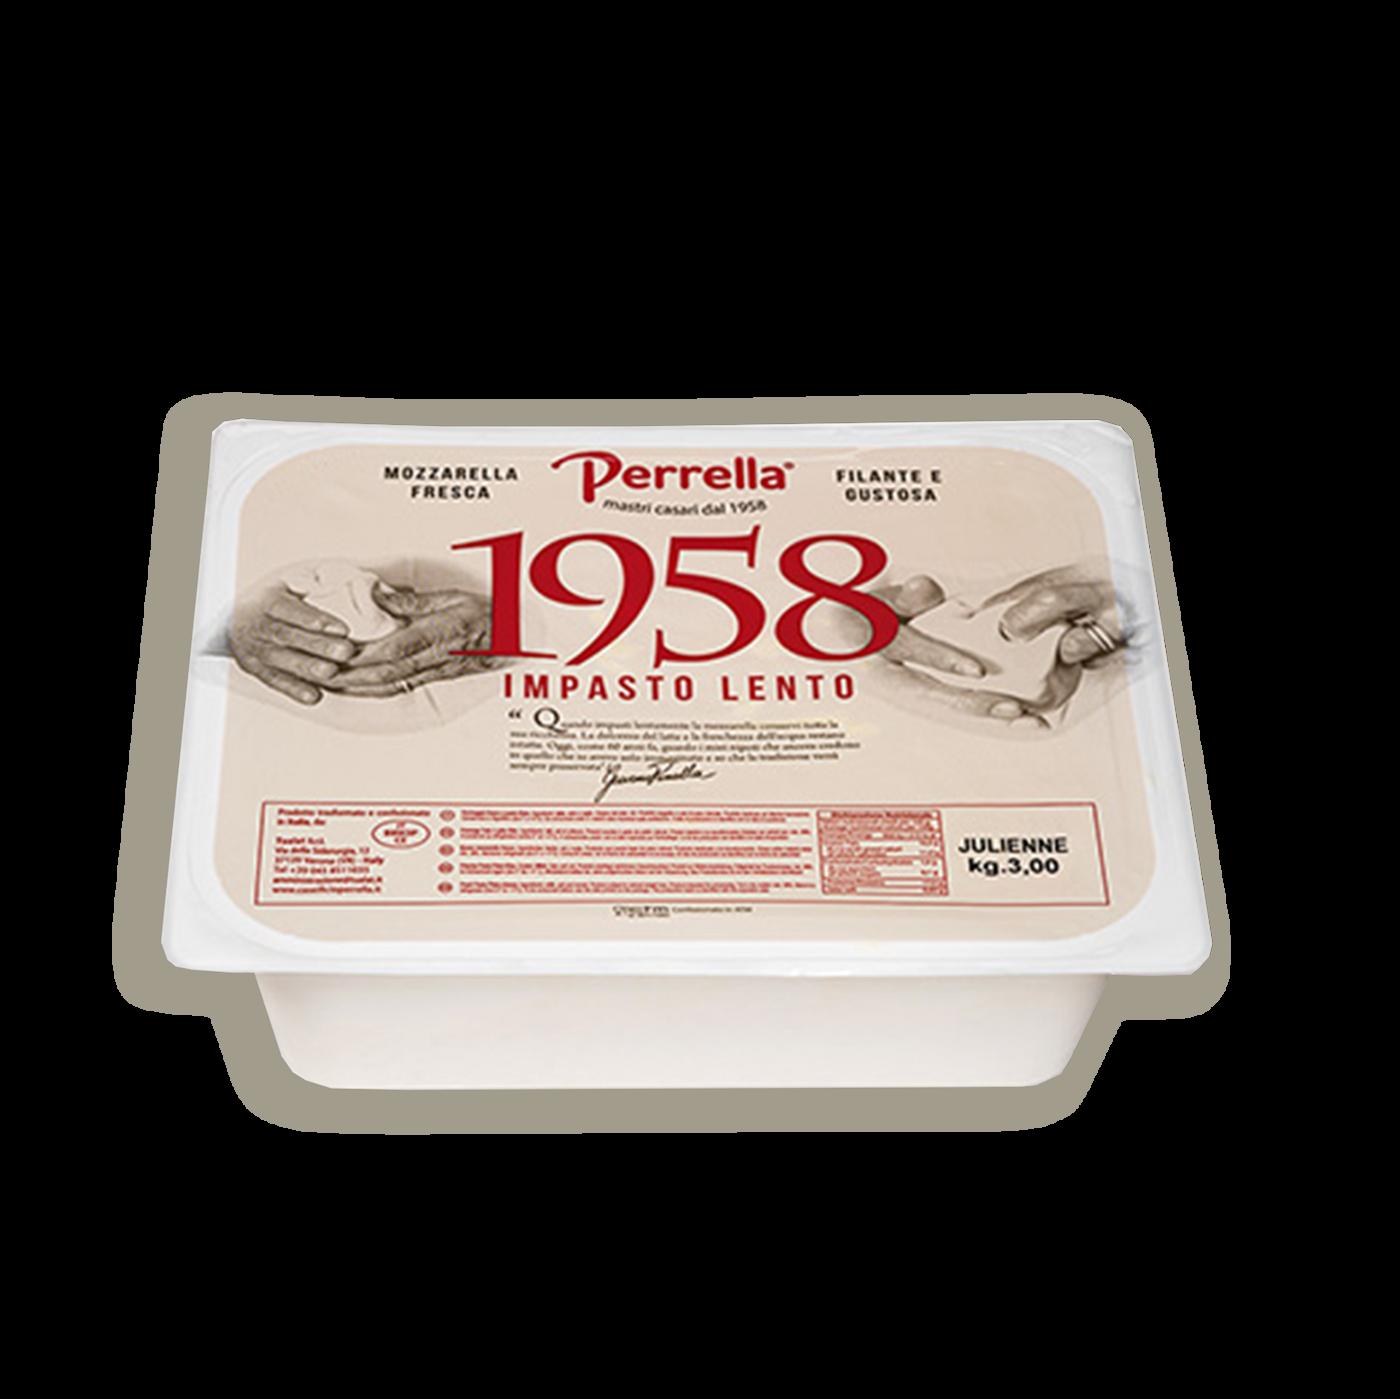 """Mozzarella fior di late """"perrella 1958"""""""